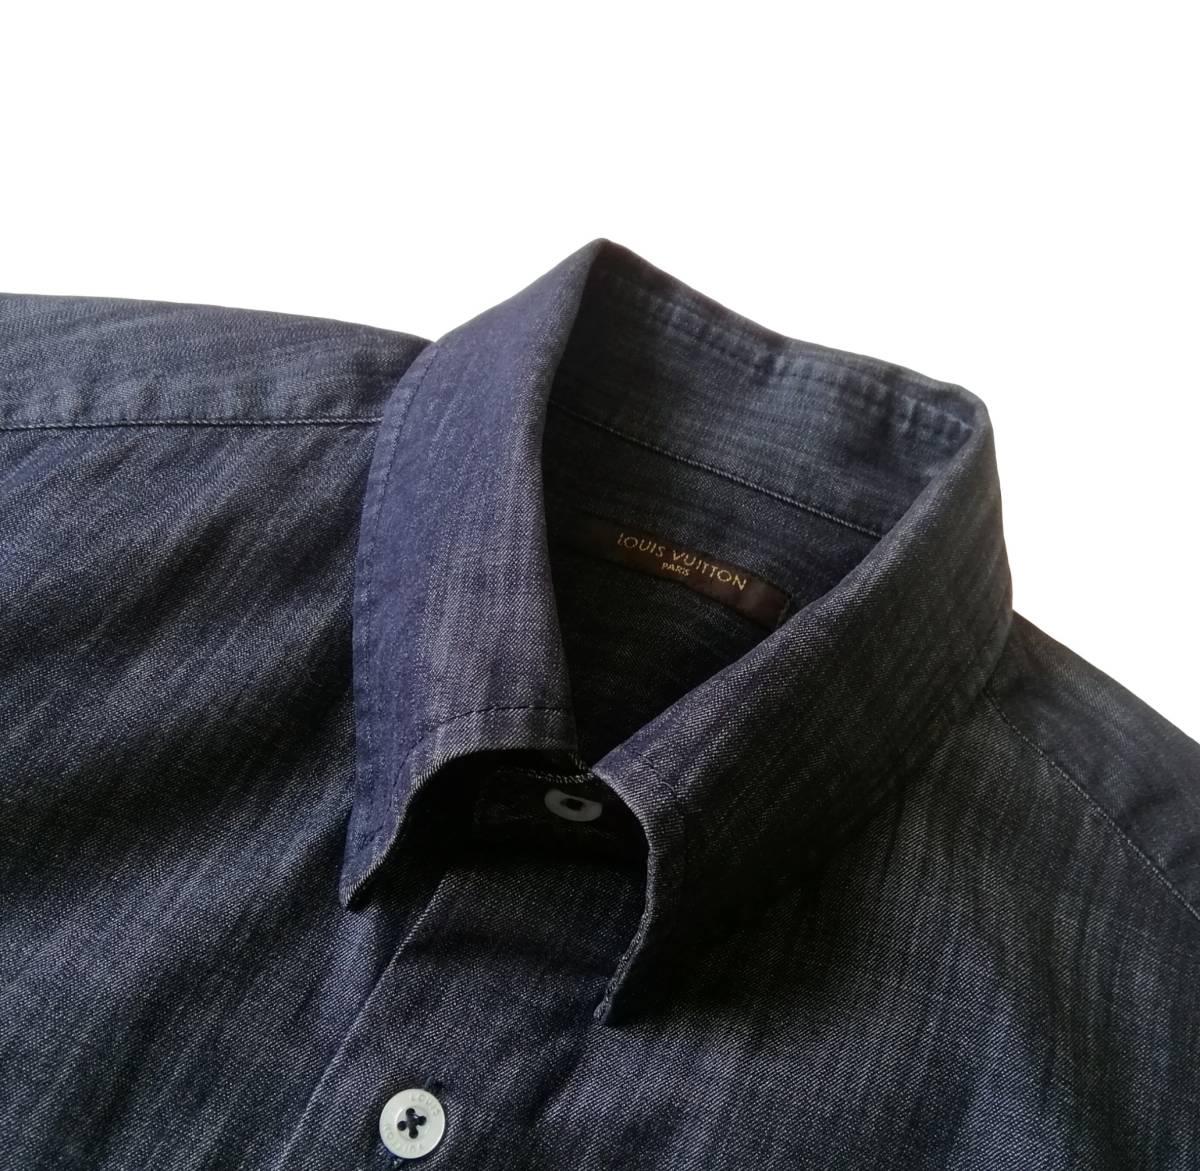 希少・レア品 ◆ LOUIS VUITTON ◆ ルイヴィトン ◆ ブラック 半袖 デニム シャツ 38 黒 M~Lサイズ相当 メンズ イタリア製 LVロゴ刺繍 _画像5